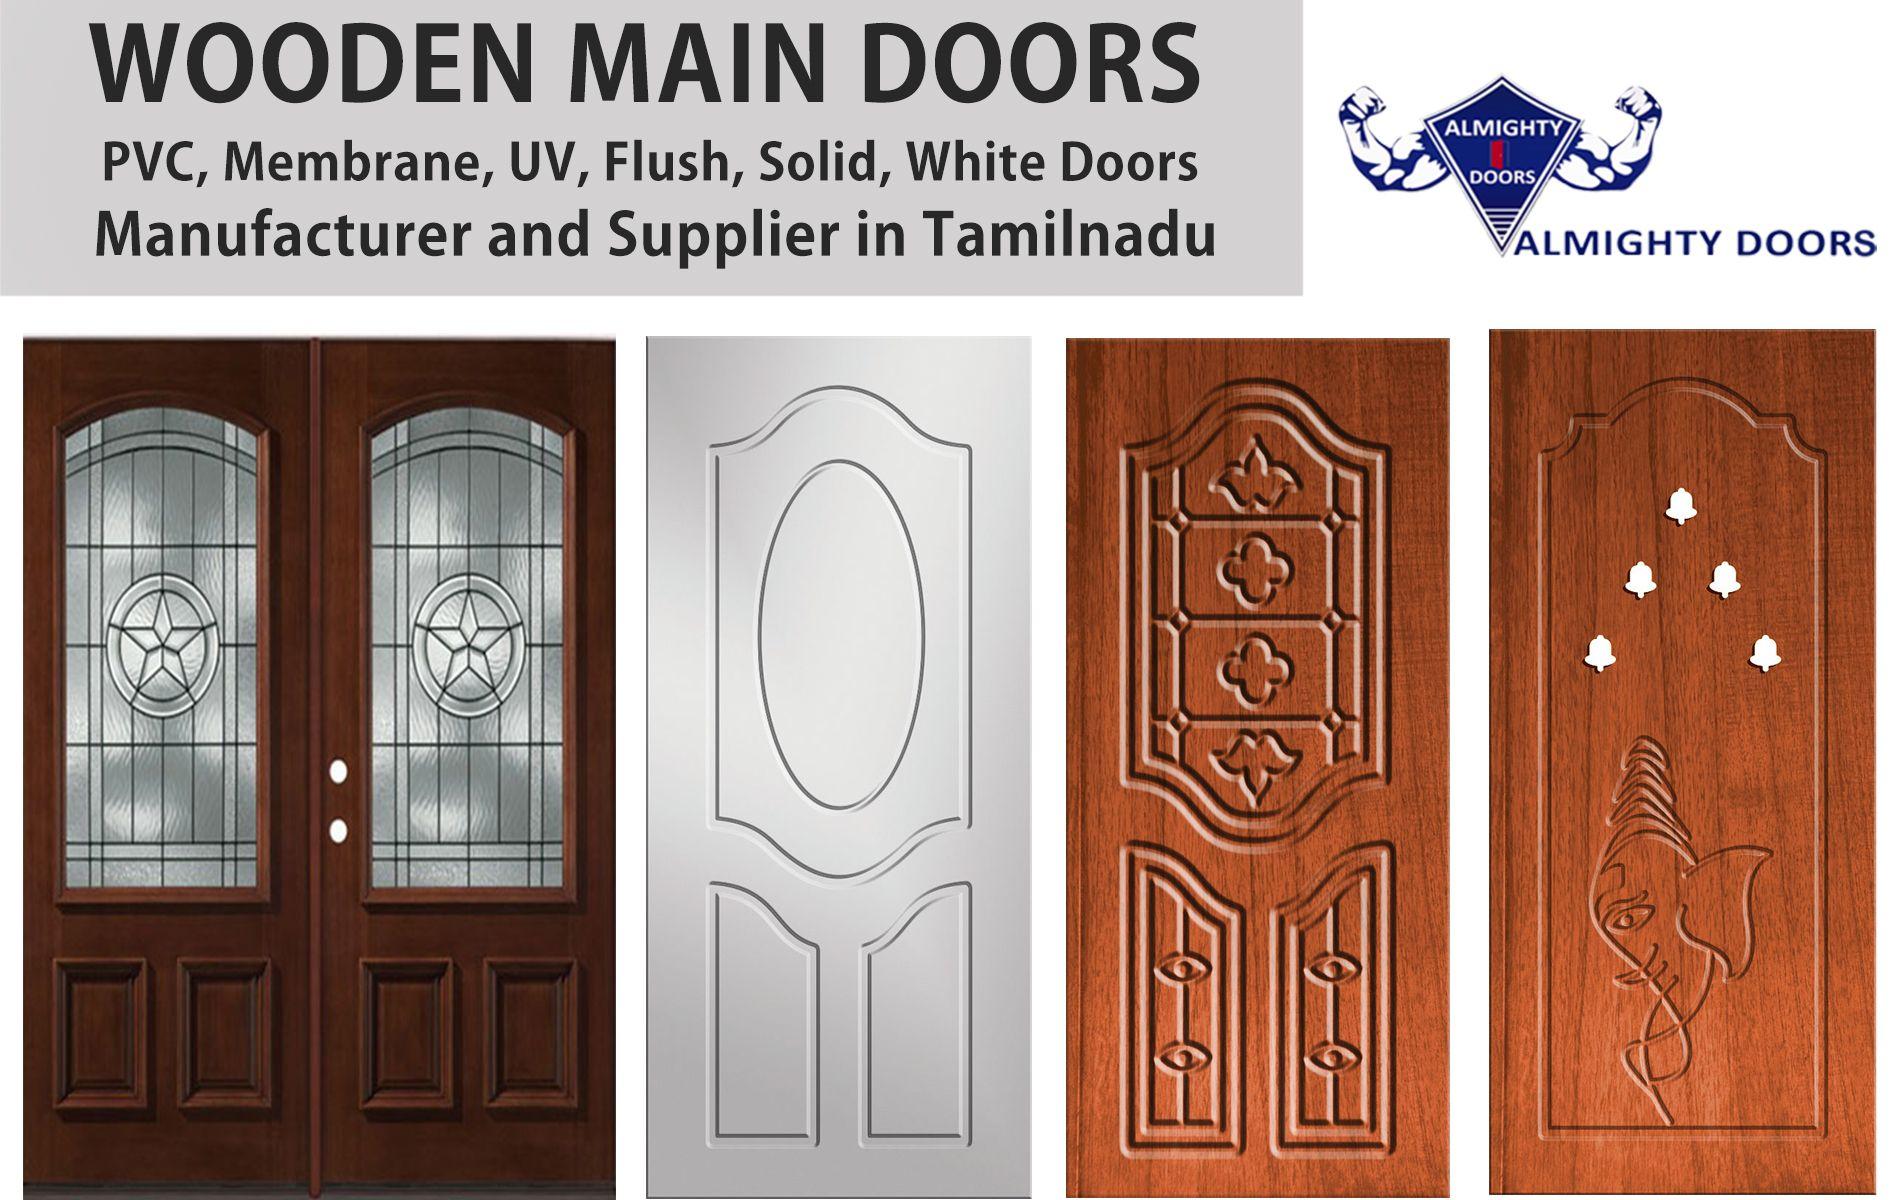 Decorative Wooden Doors Pvc Doors Flush Doors Supplier In Tamilnadu Flush Doors Wooden Main Door Door Manufacturer